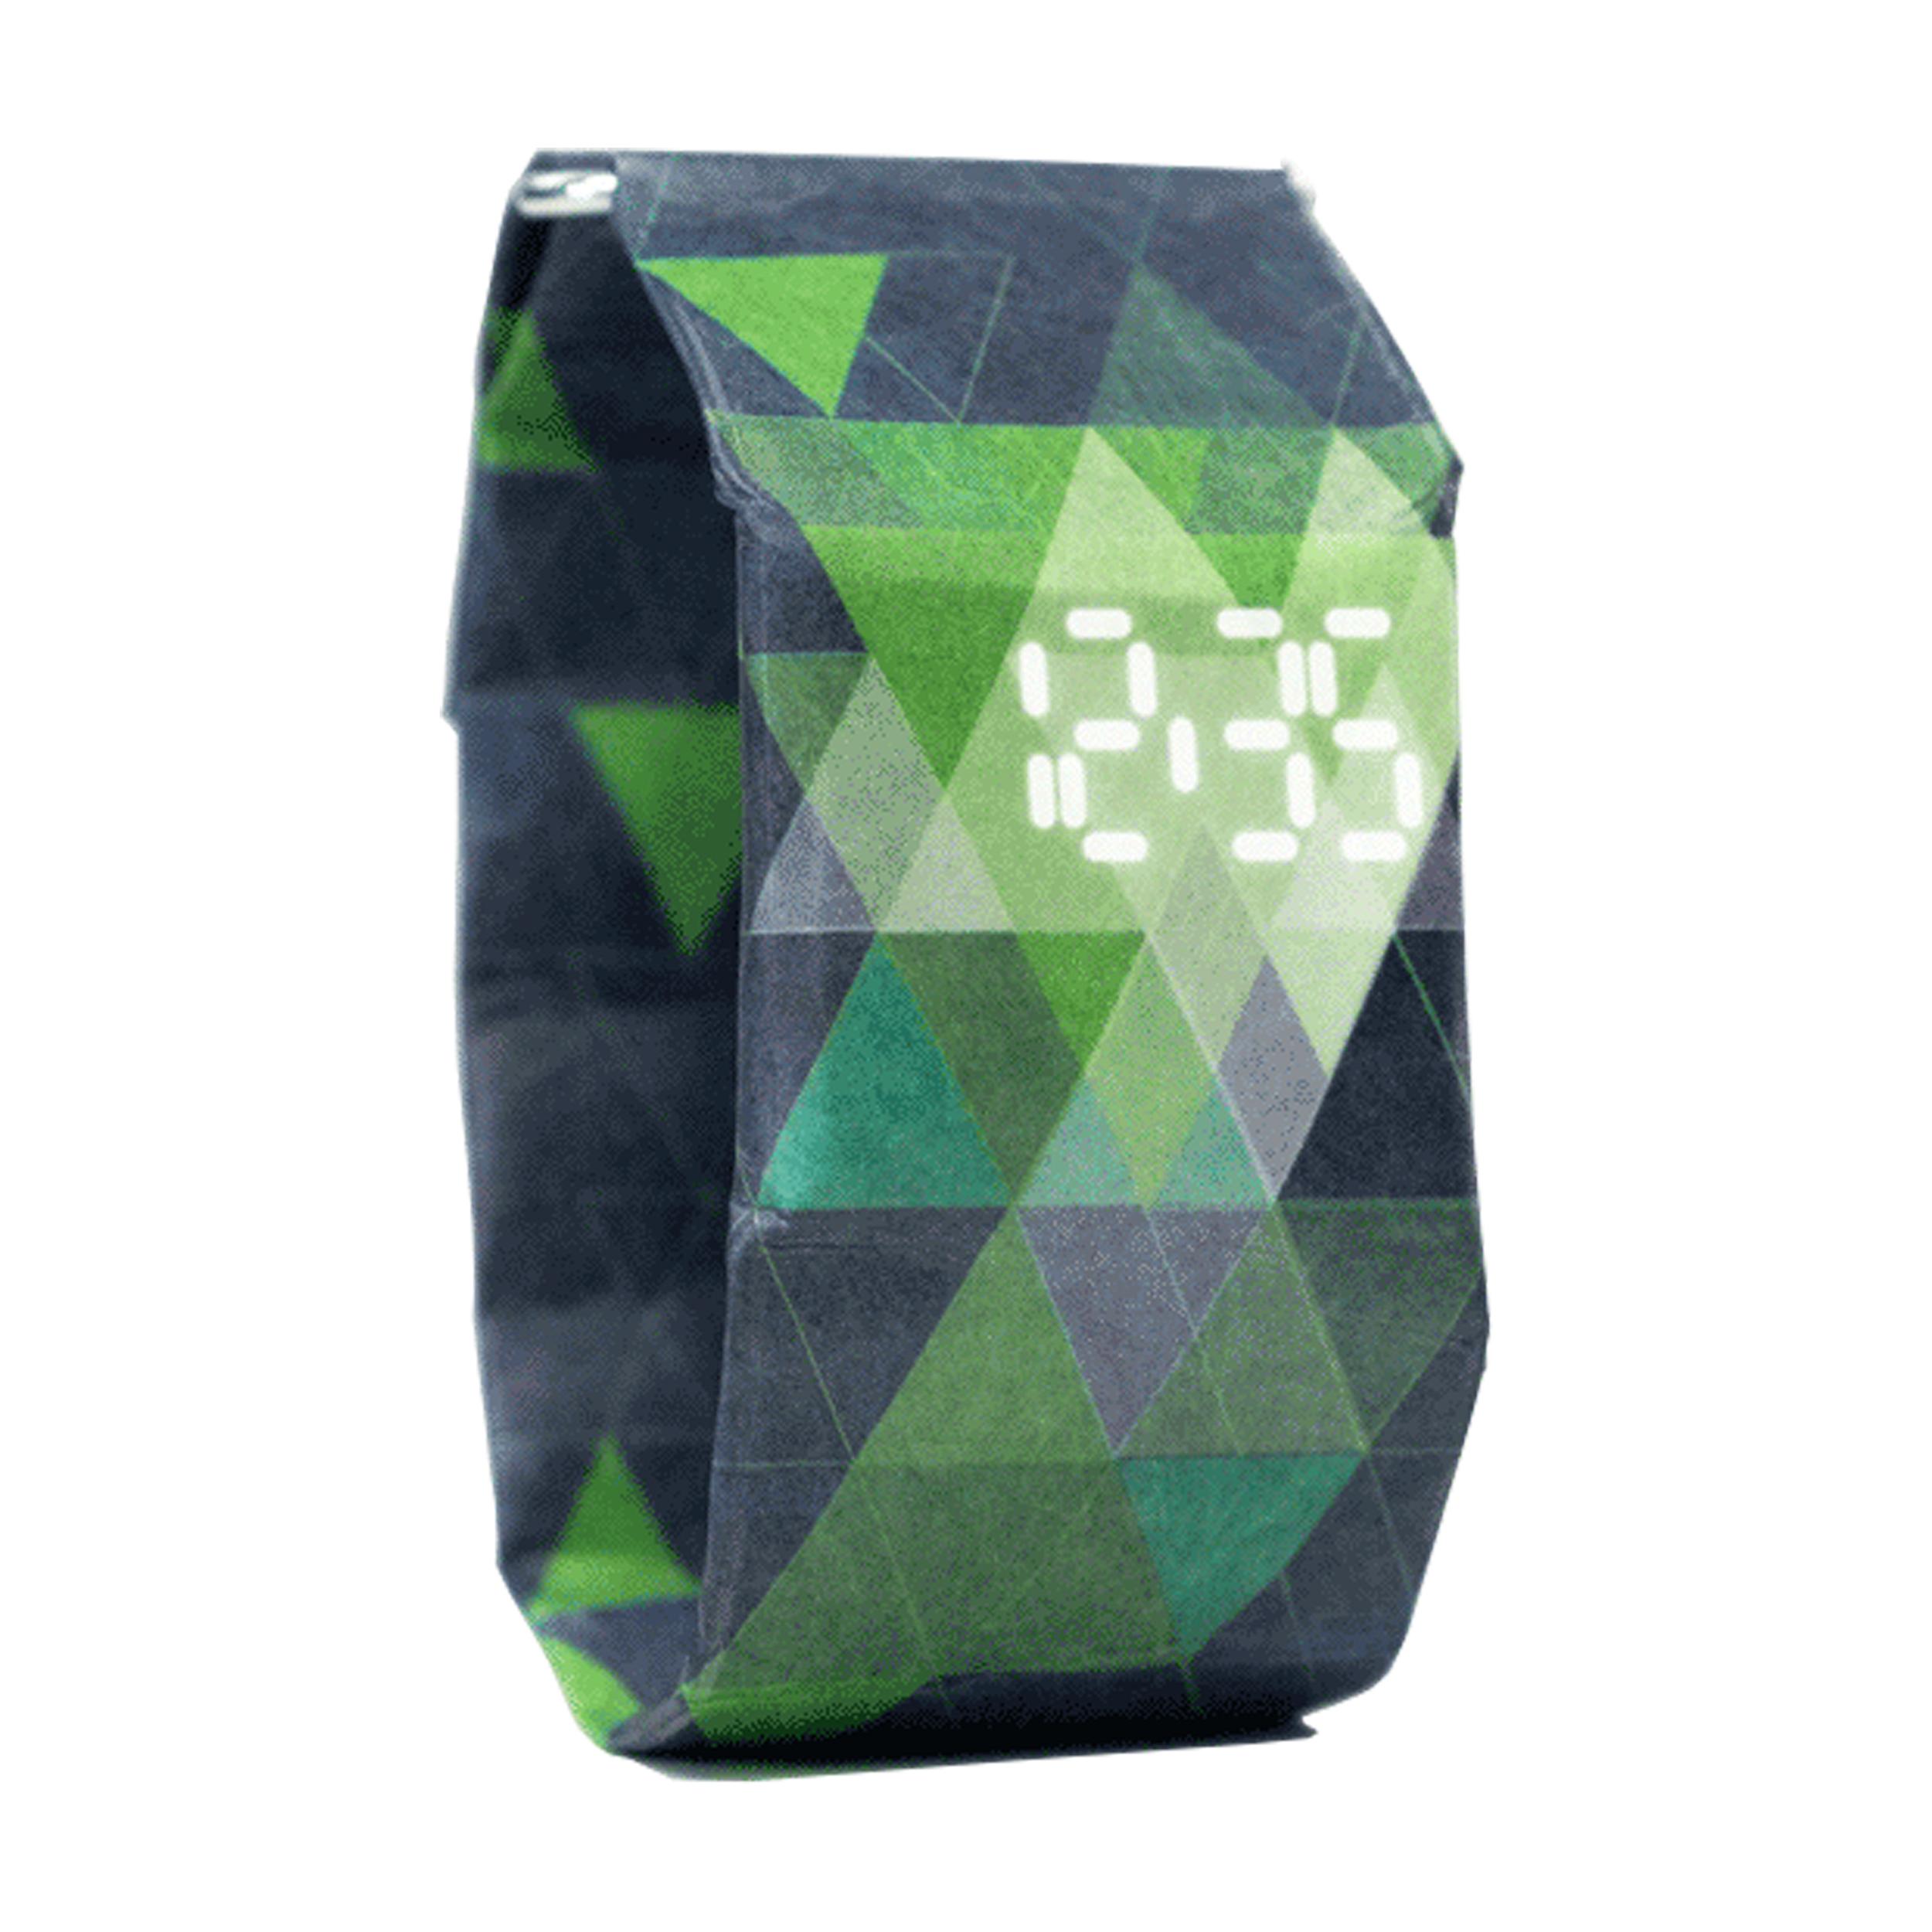 خرید ساعت مچی دیجیتال مردانه مدل Triangle